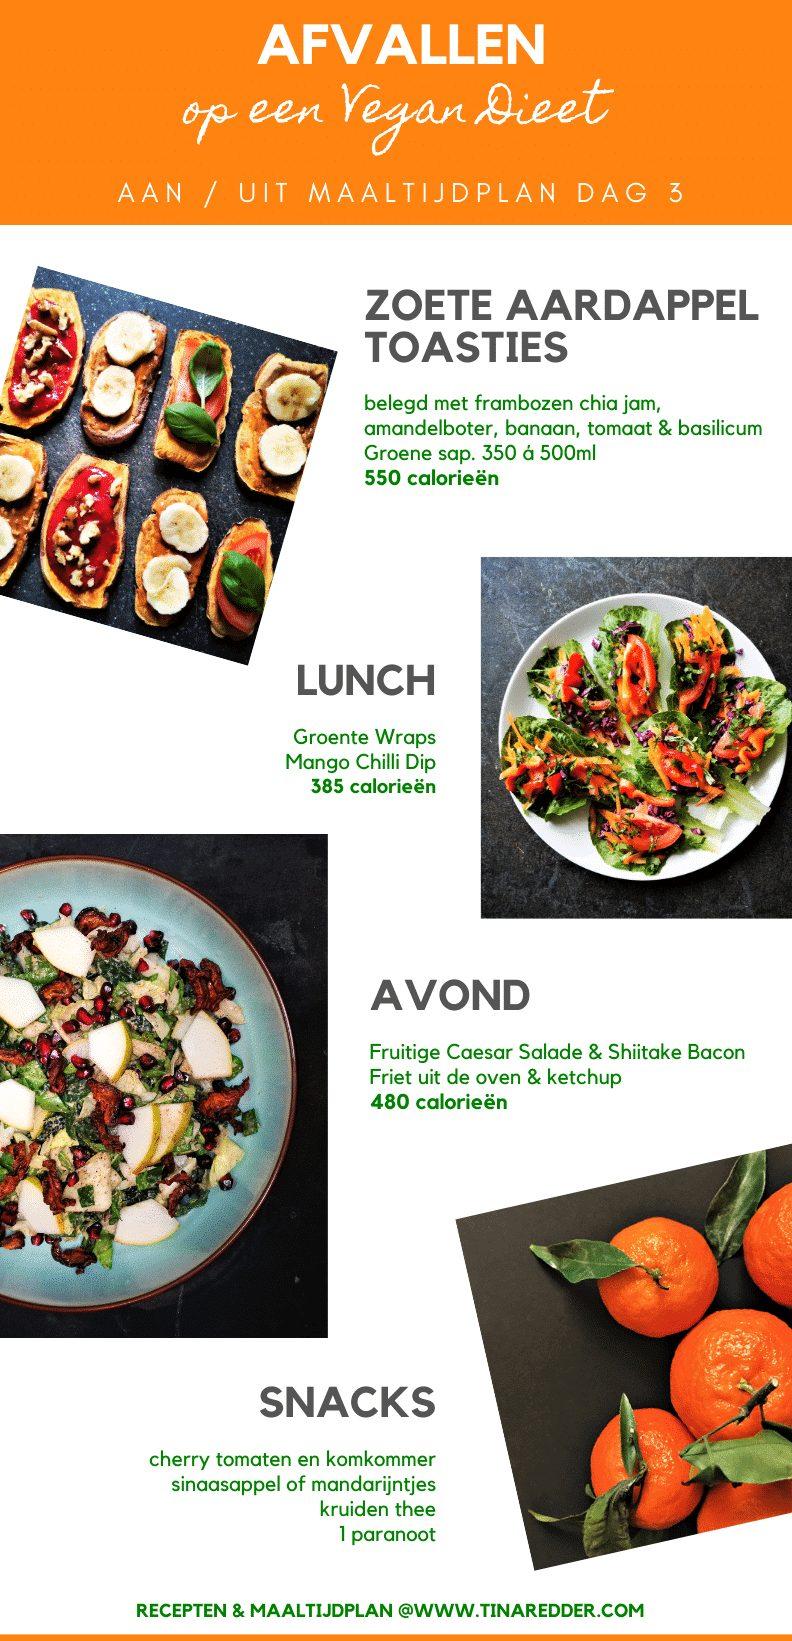 afvallen op een vegan dieet #3